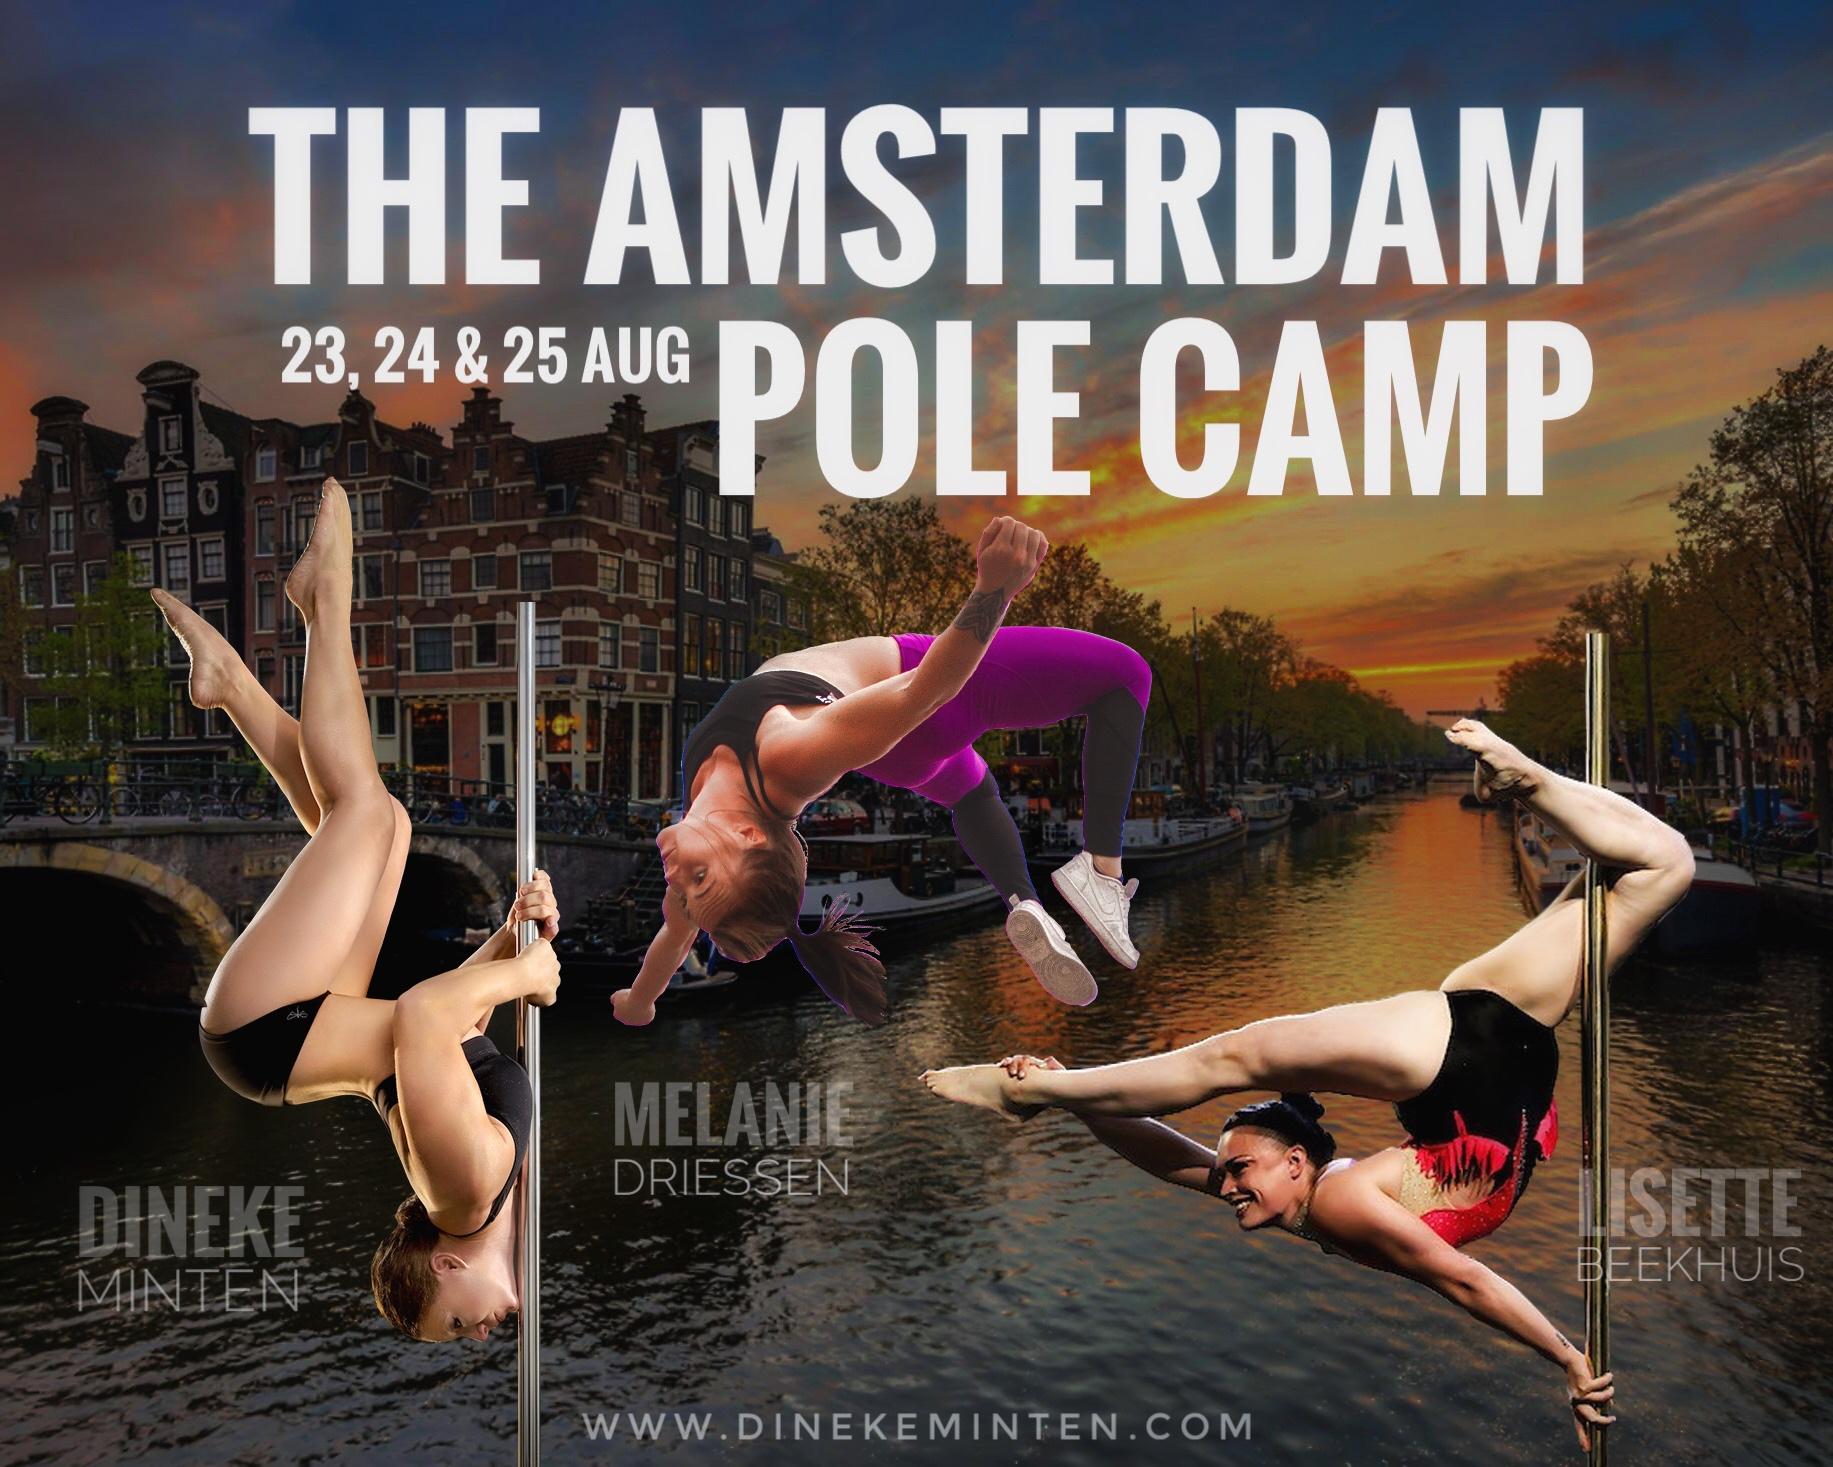 TheAmsterdamPoleCamp.jpg